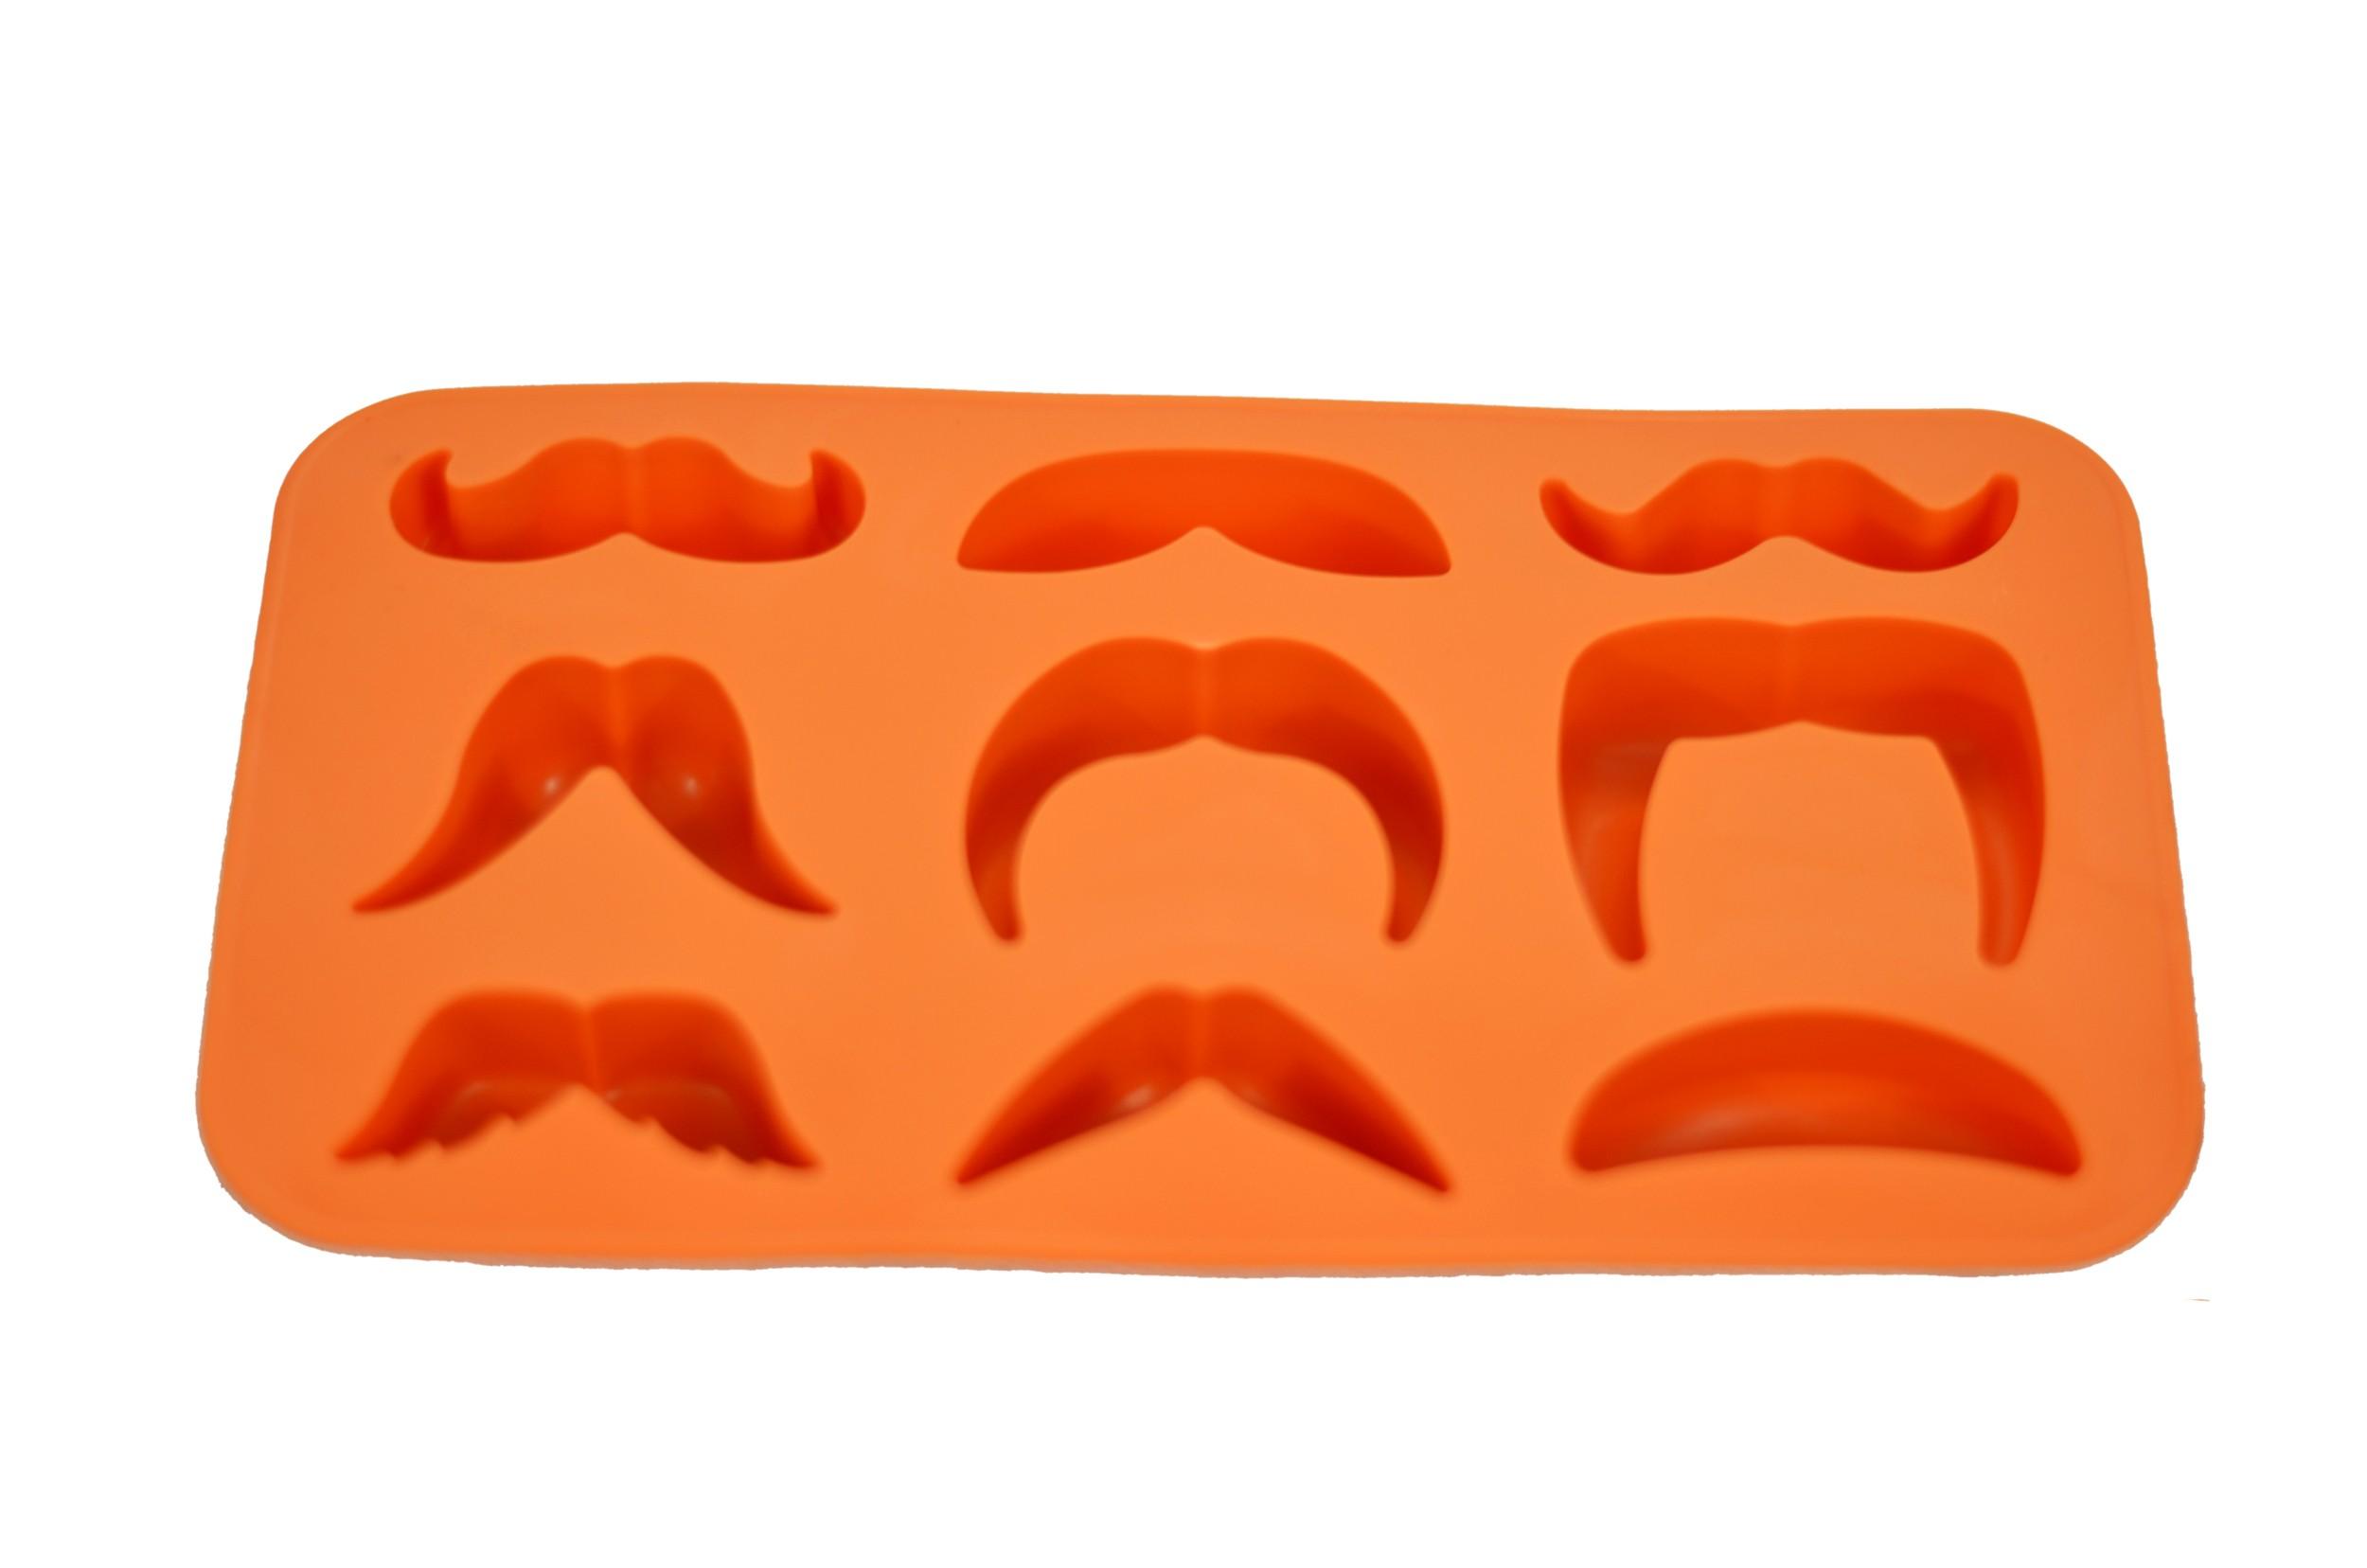 Moustache Variety Ice Cube Tray Main 2500